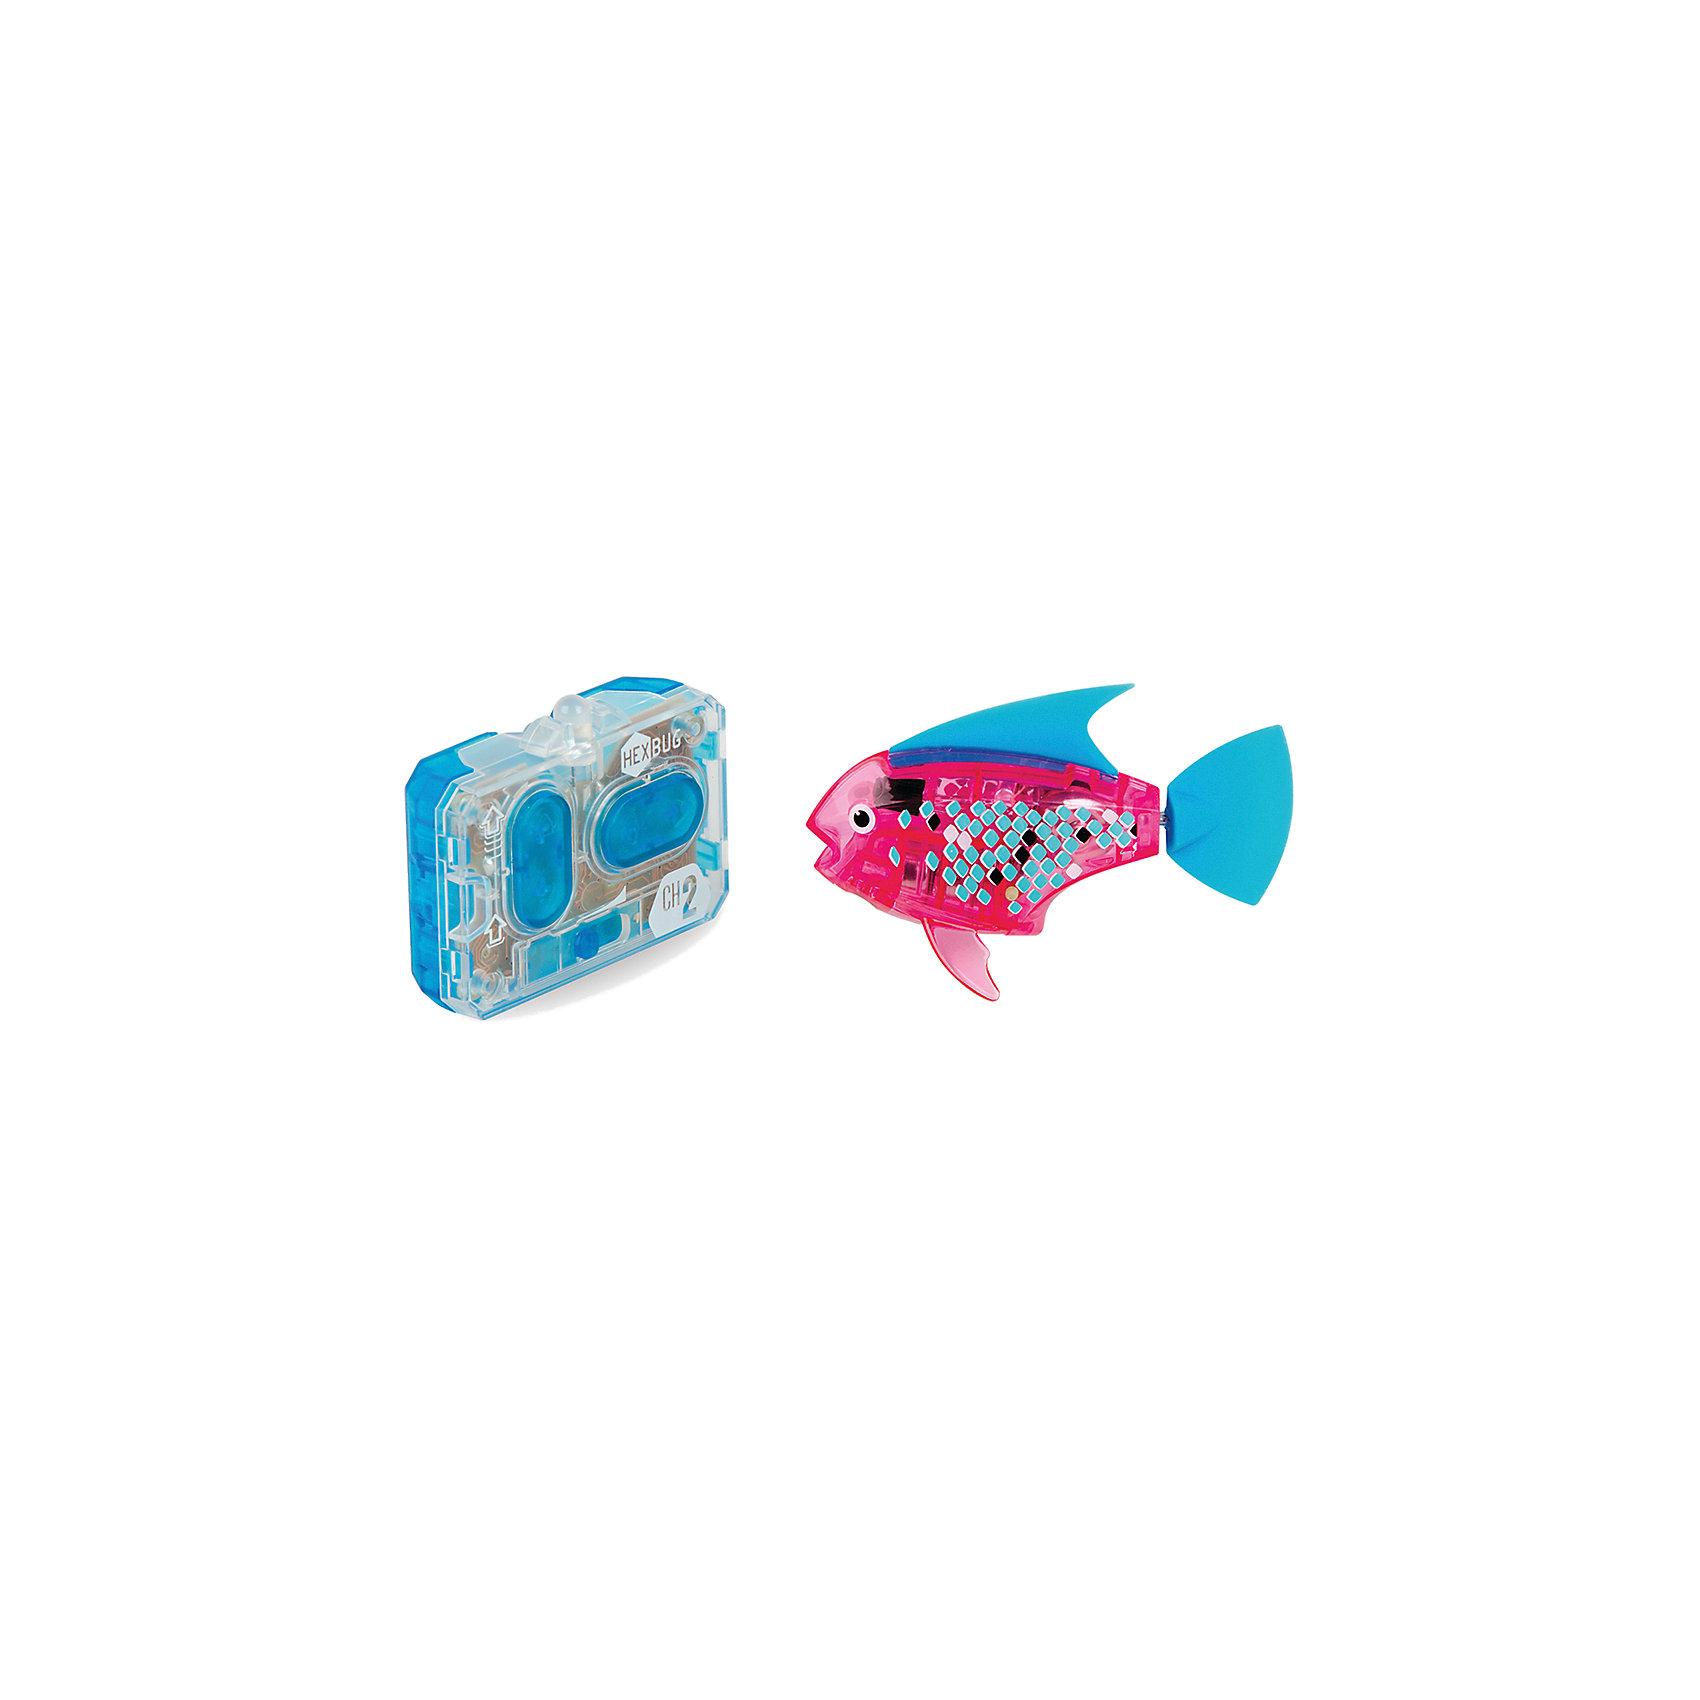 Микро-робот Aqua Bot, розовый, HexbugИнтерактивные игрушки для малышей<br>Микро-робот Aqua Bot, розовый, Hexbug (Хексбаг)<br><br>Характеристики:<br><br>• плавает в любом направлении<br>• автоматическое отключение вне воды<br>• цвет: розовый<br>• размер: 8х4х2 см<br>• батарейки: AG13 - 2 шт. (входят в комплект)<br>• материал: пластик, металл<br>• размер упаковки: 19х6х4 см<br>• вес: 31 грамм<br><br>Aqua Bot - маленькая рыбка-робот, которая поразит вас своими размерами и ловкостью. Этот малыш быстро передвигается в воде в любом направлении. Положите микроробота в воду - и он тут же отправится покорять водное пространство. Если вытащить робота из воды, он автоматически отключается для экономии энергии. Такая замечательная игрушка, несомненно, понравится всем членам семьи!<br><br>Микро-робот Aqua Bot, розовый, Hexbug (Хексбаг) можно купить в нашем интернет-магазине.<br><br>Ширина мм: 160<br>Глубина мм: 90<br>Высота мм: 120<br>Вес г: 85<br>Возраст от месяцев: 36<br>Возраст до месяцев: 2147483647<br>Пол: Унисекс<br>Возраст: Детский<br>SKU: 5507181